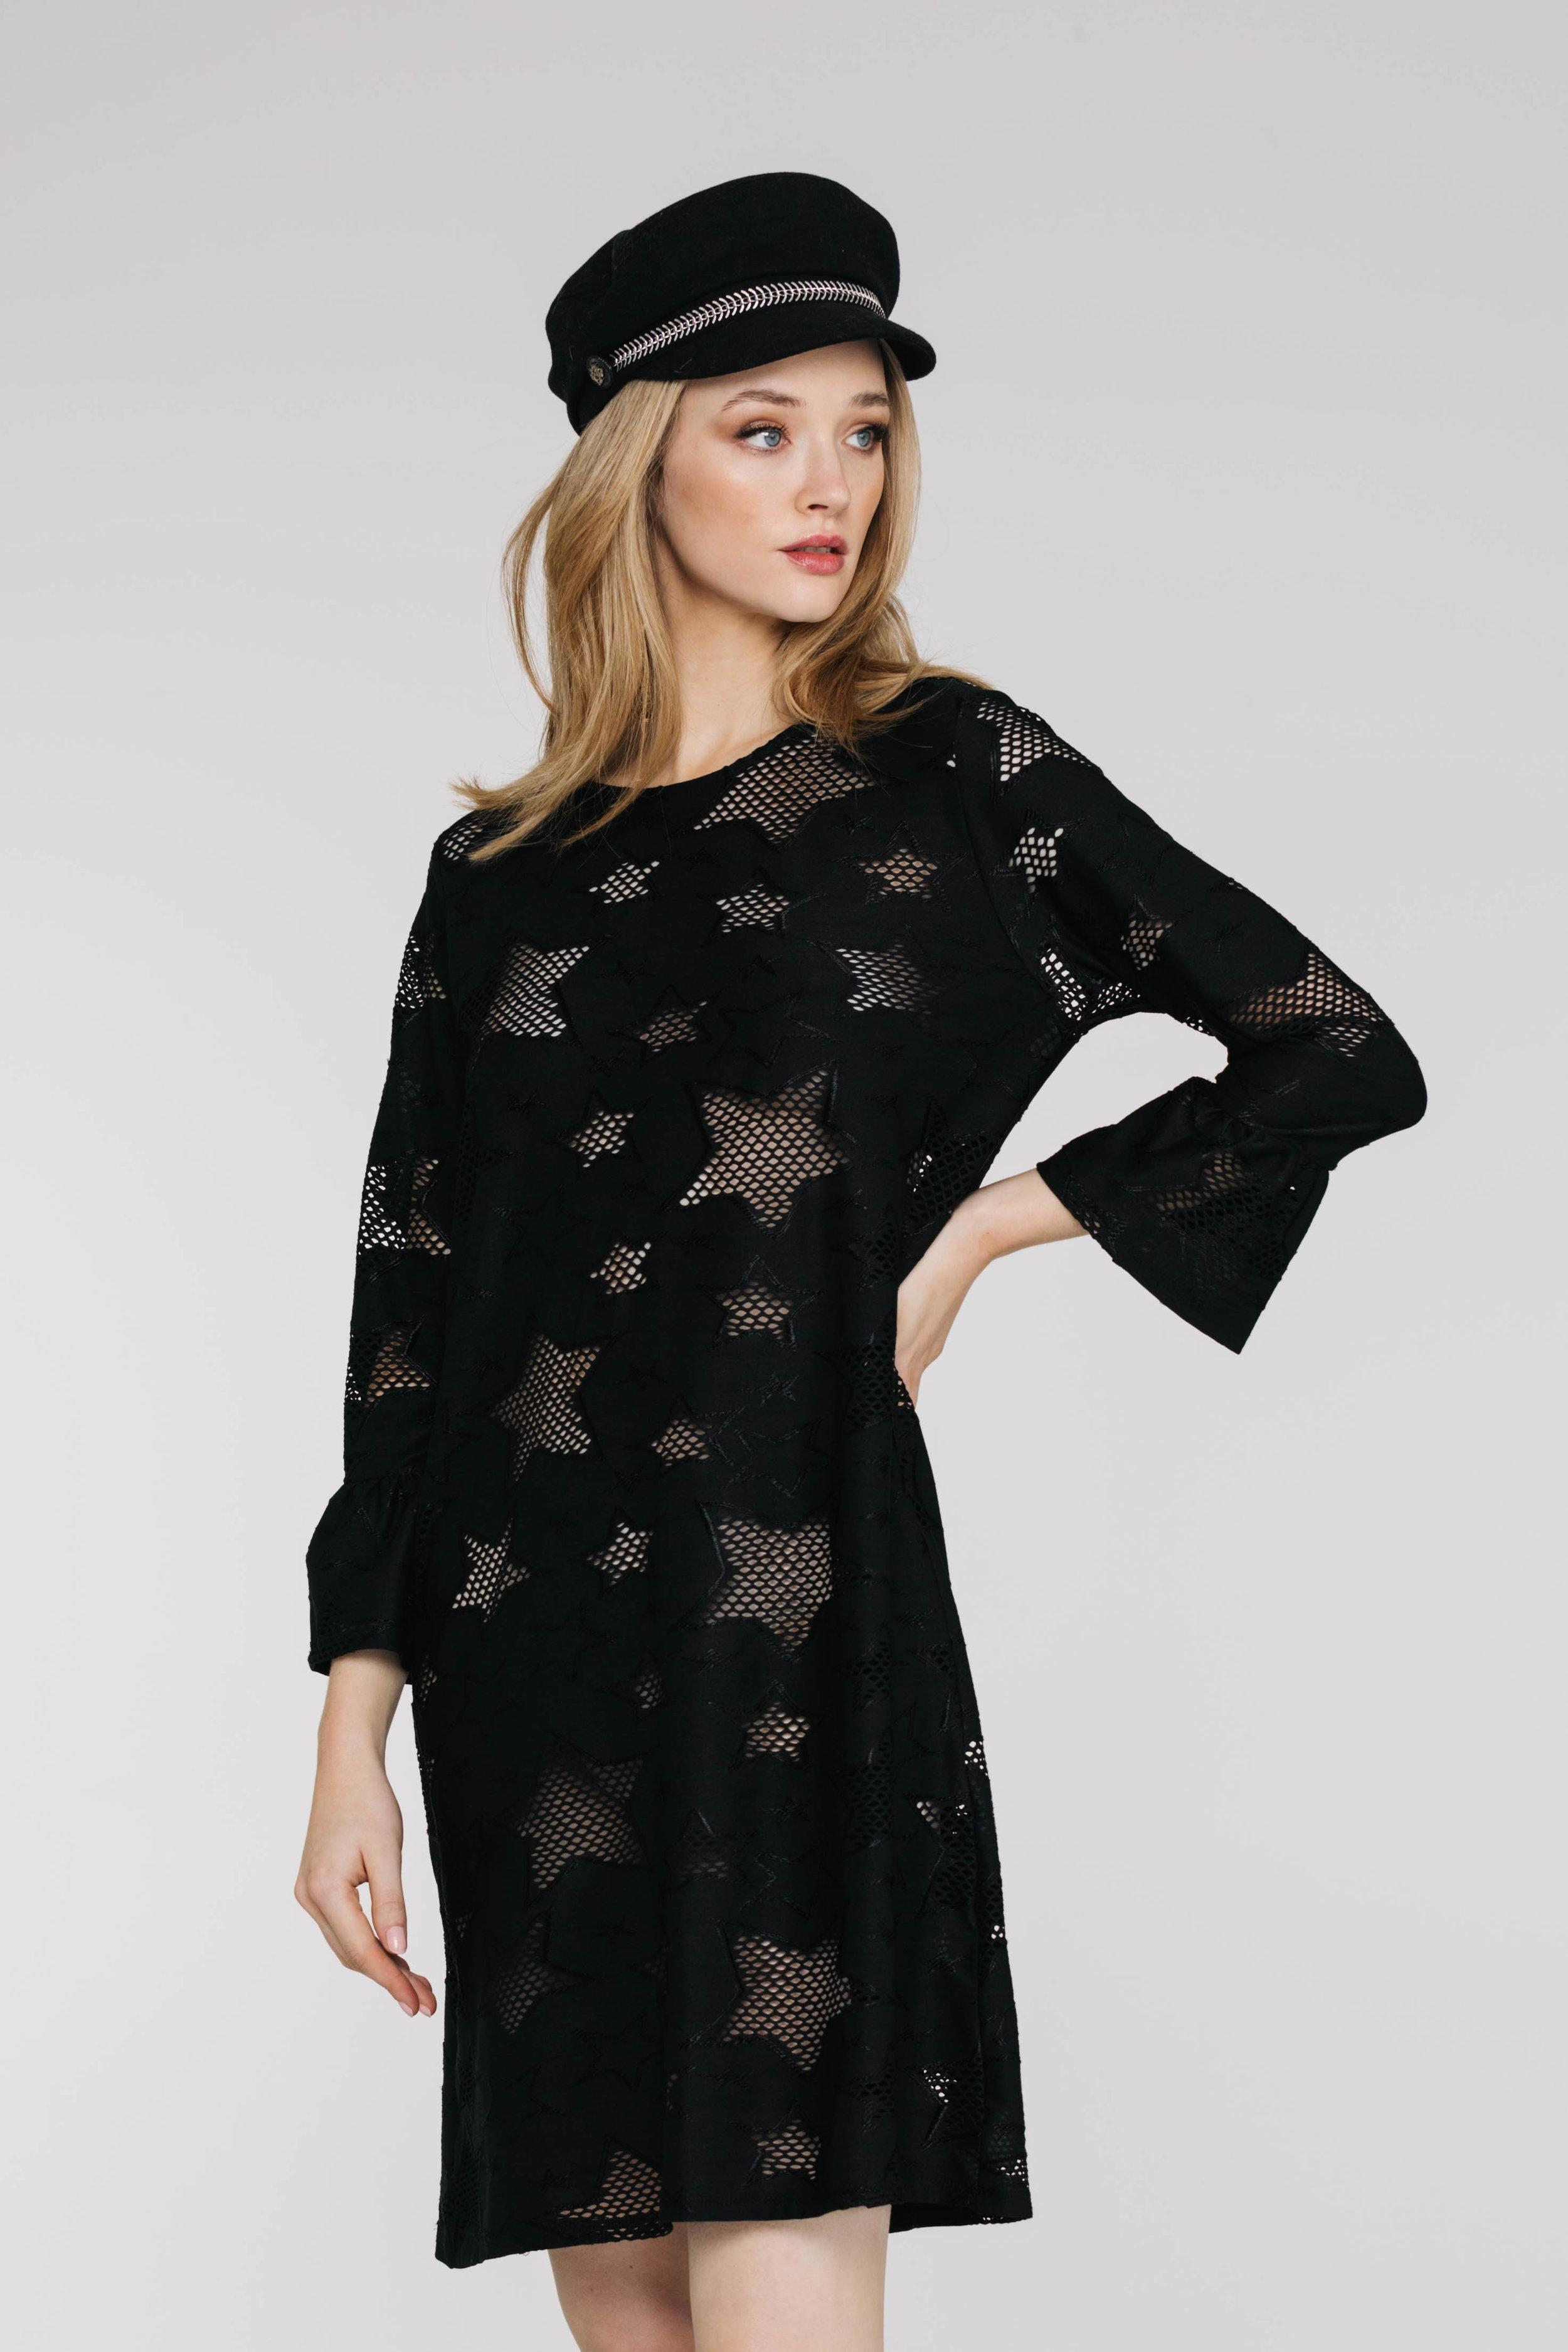 Elianna Dress 6261N Star Knit Black